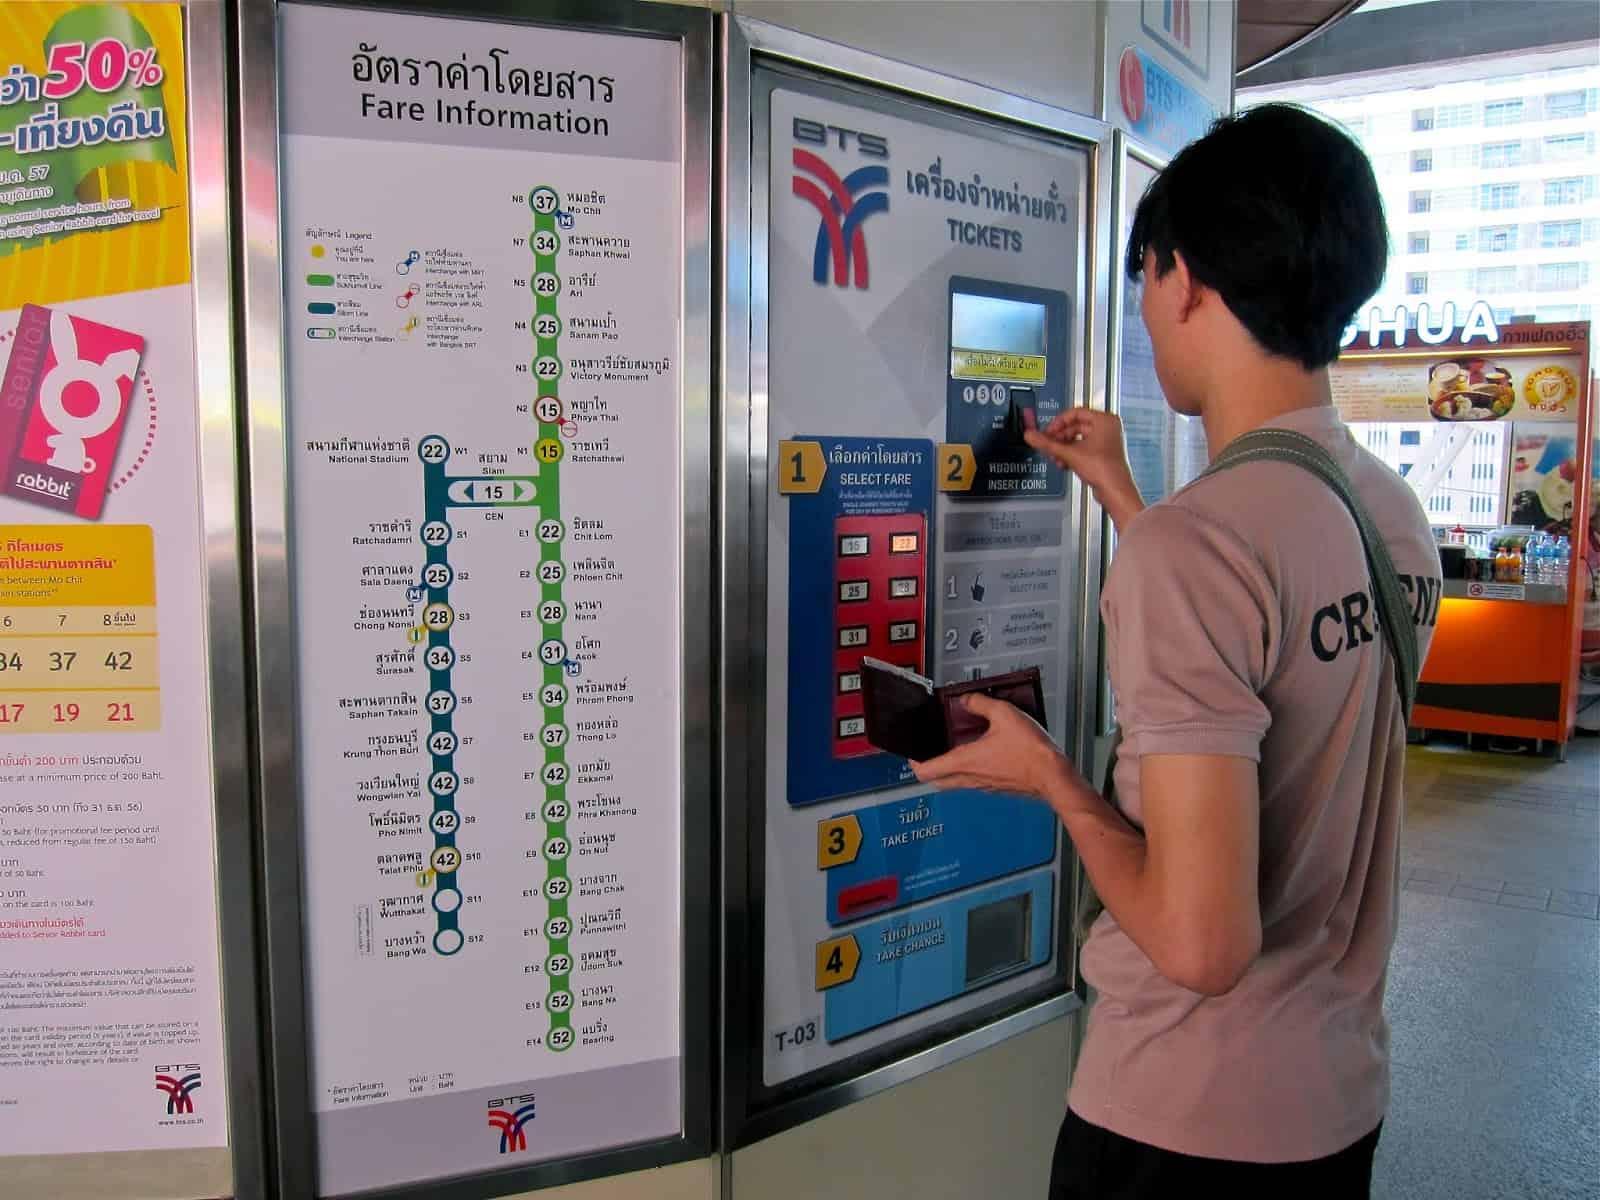 Sử dụng tiền xu để mua vé tàu ở các trạm BTS